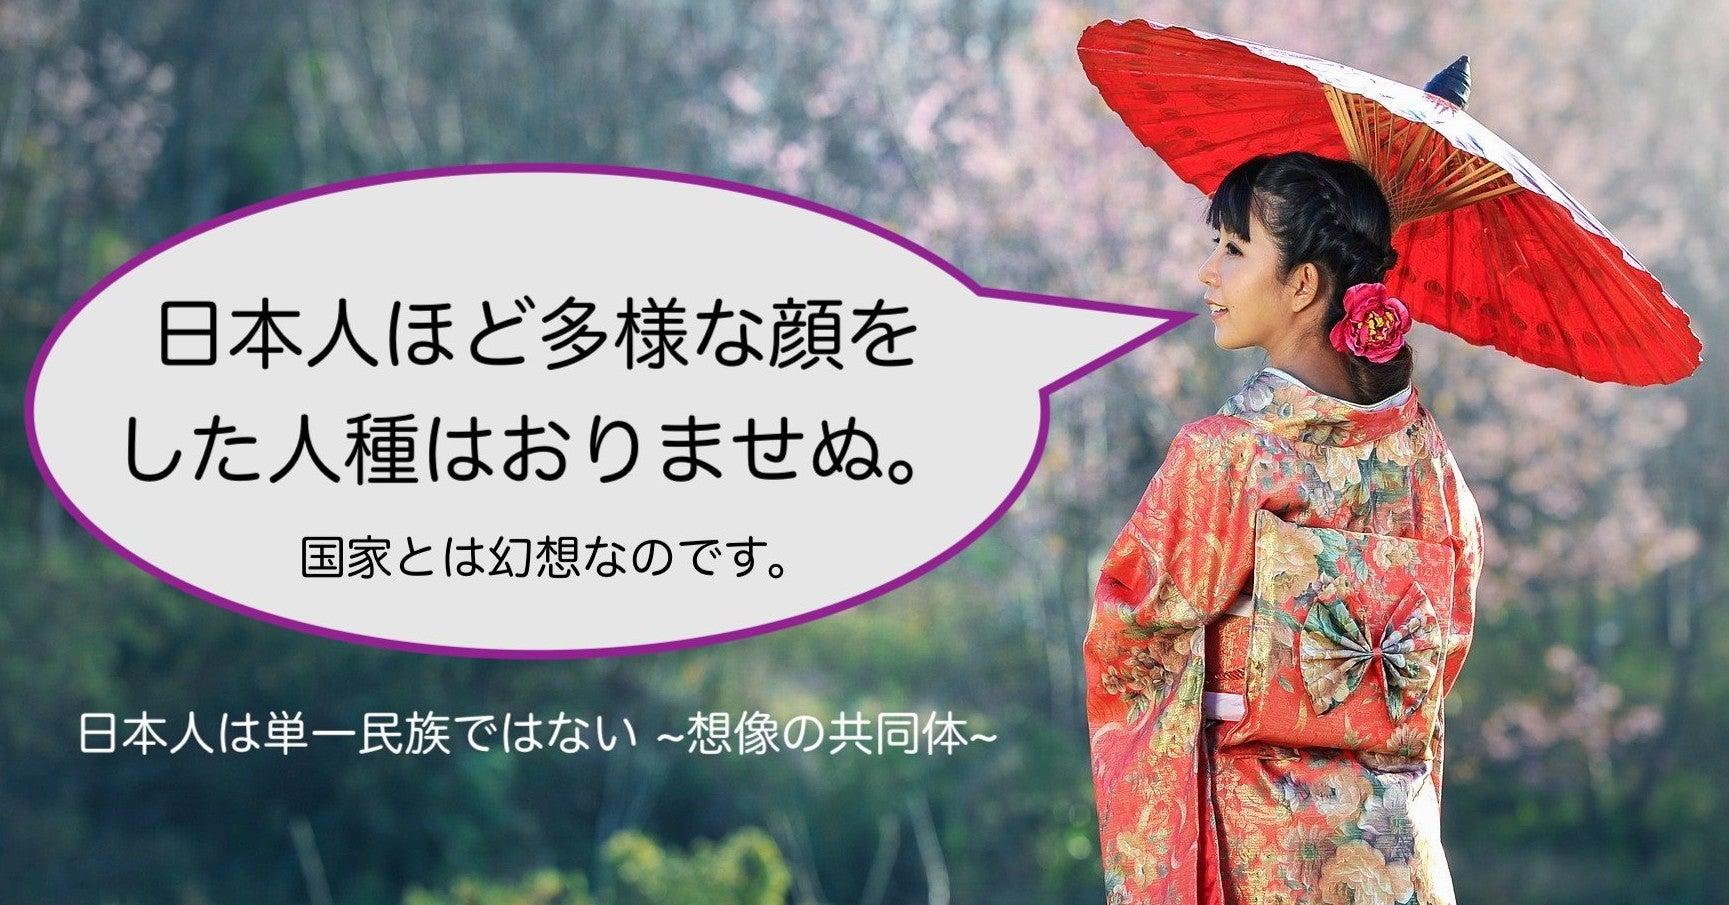 日本人は単一民族ではない ~想像の共同体~ Masaharu Sumida note